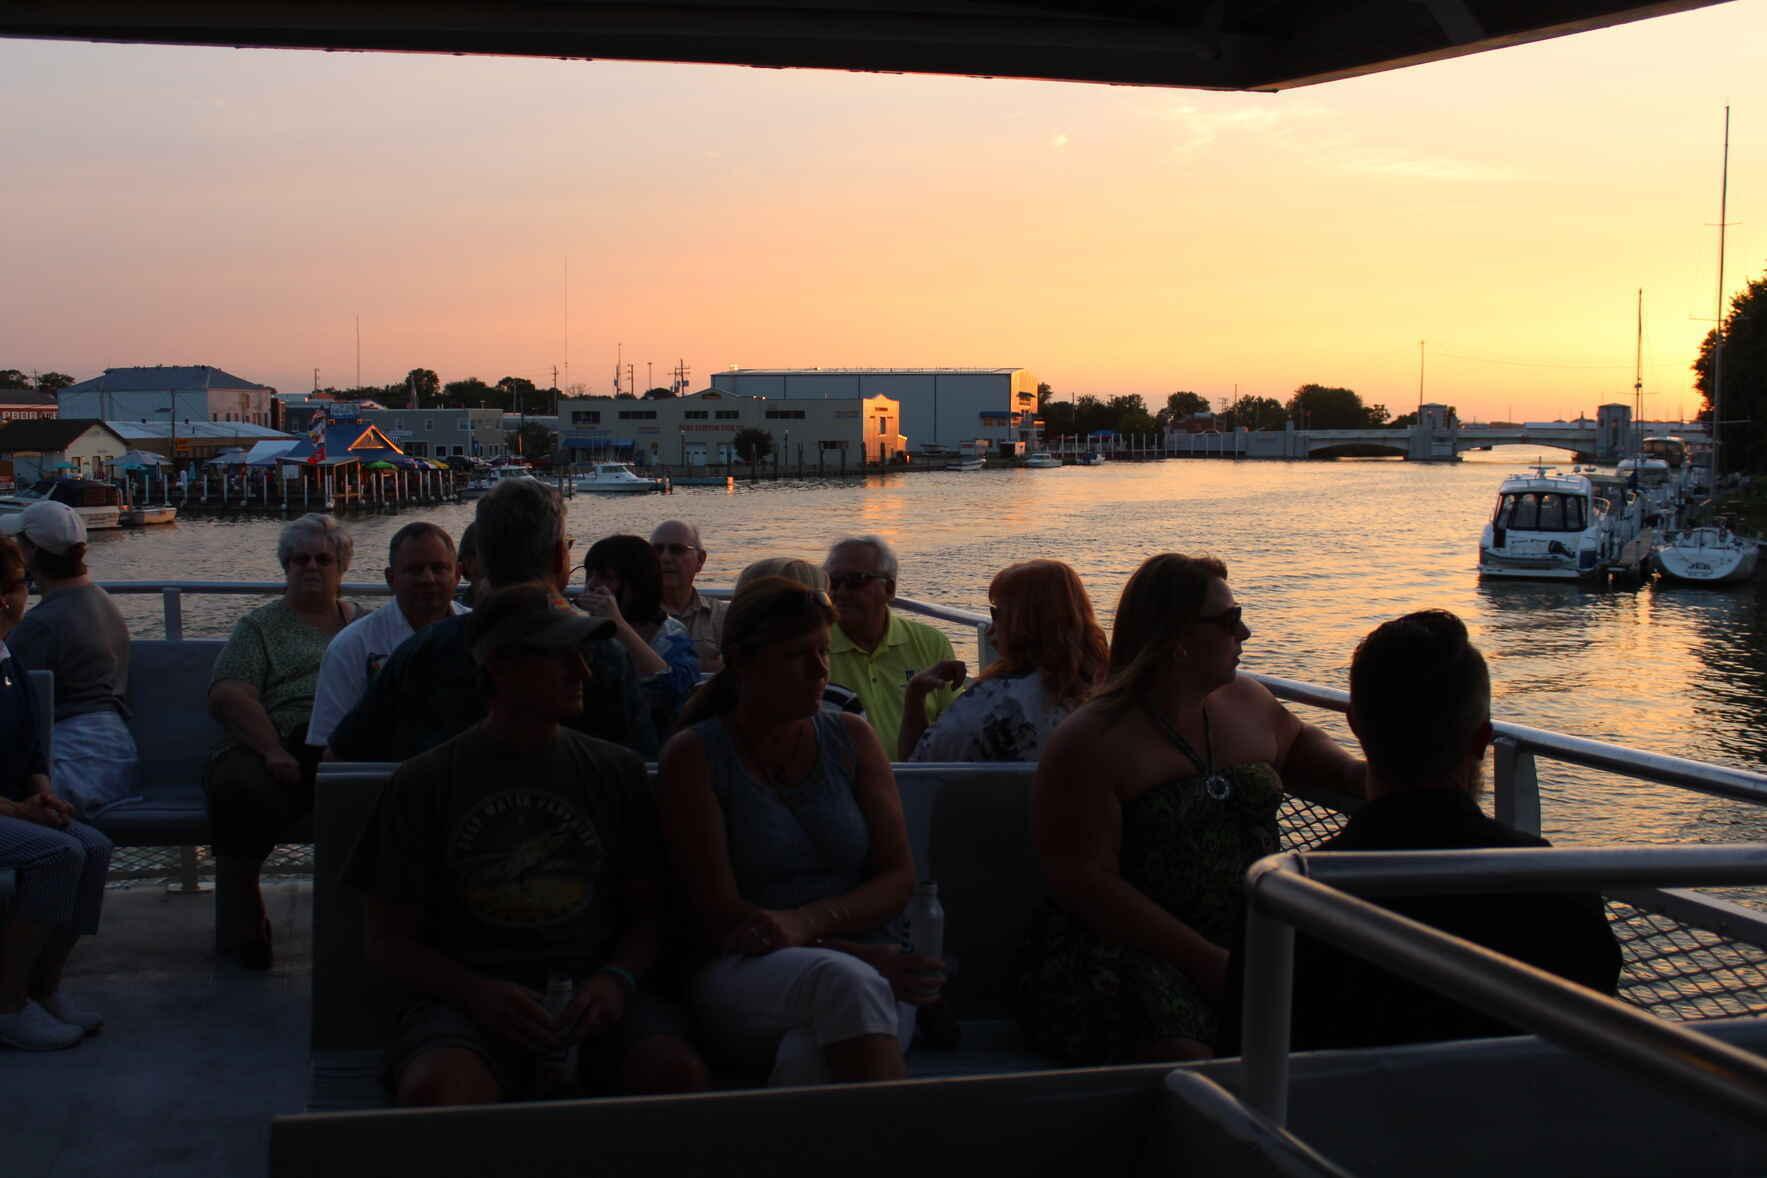 West Sister Island Sunset Cruise image